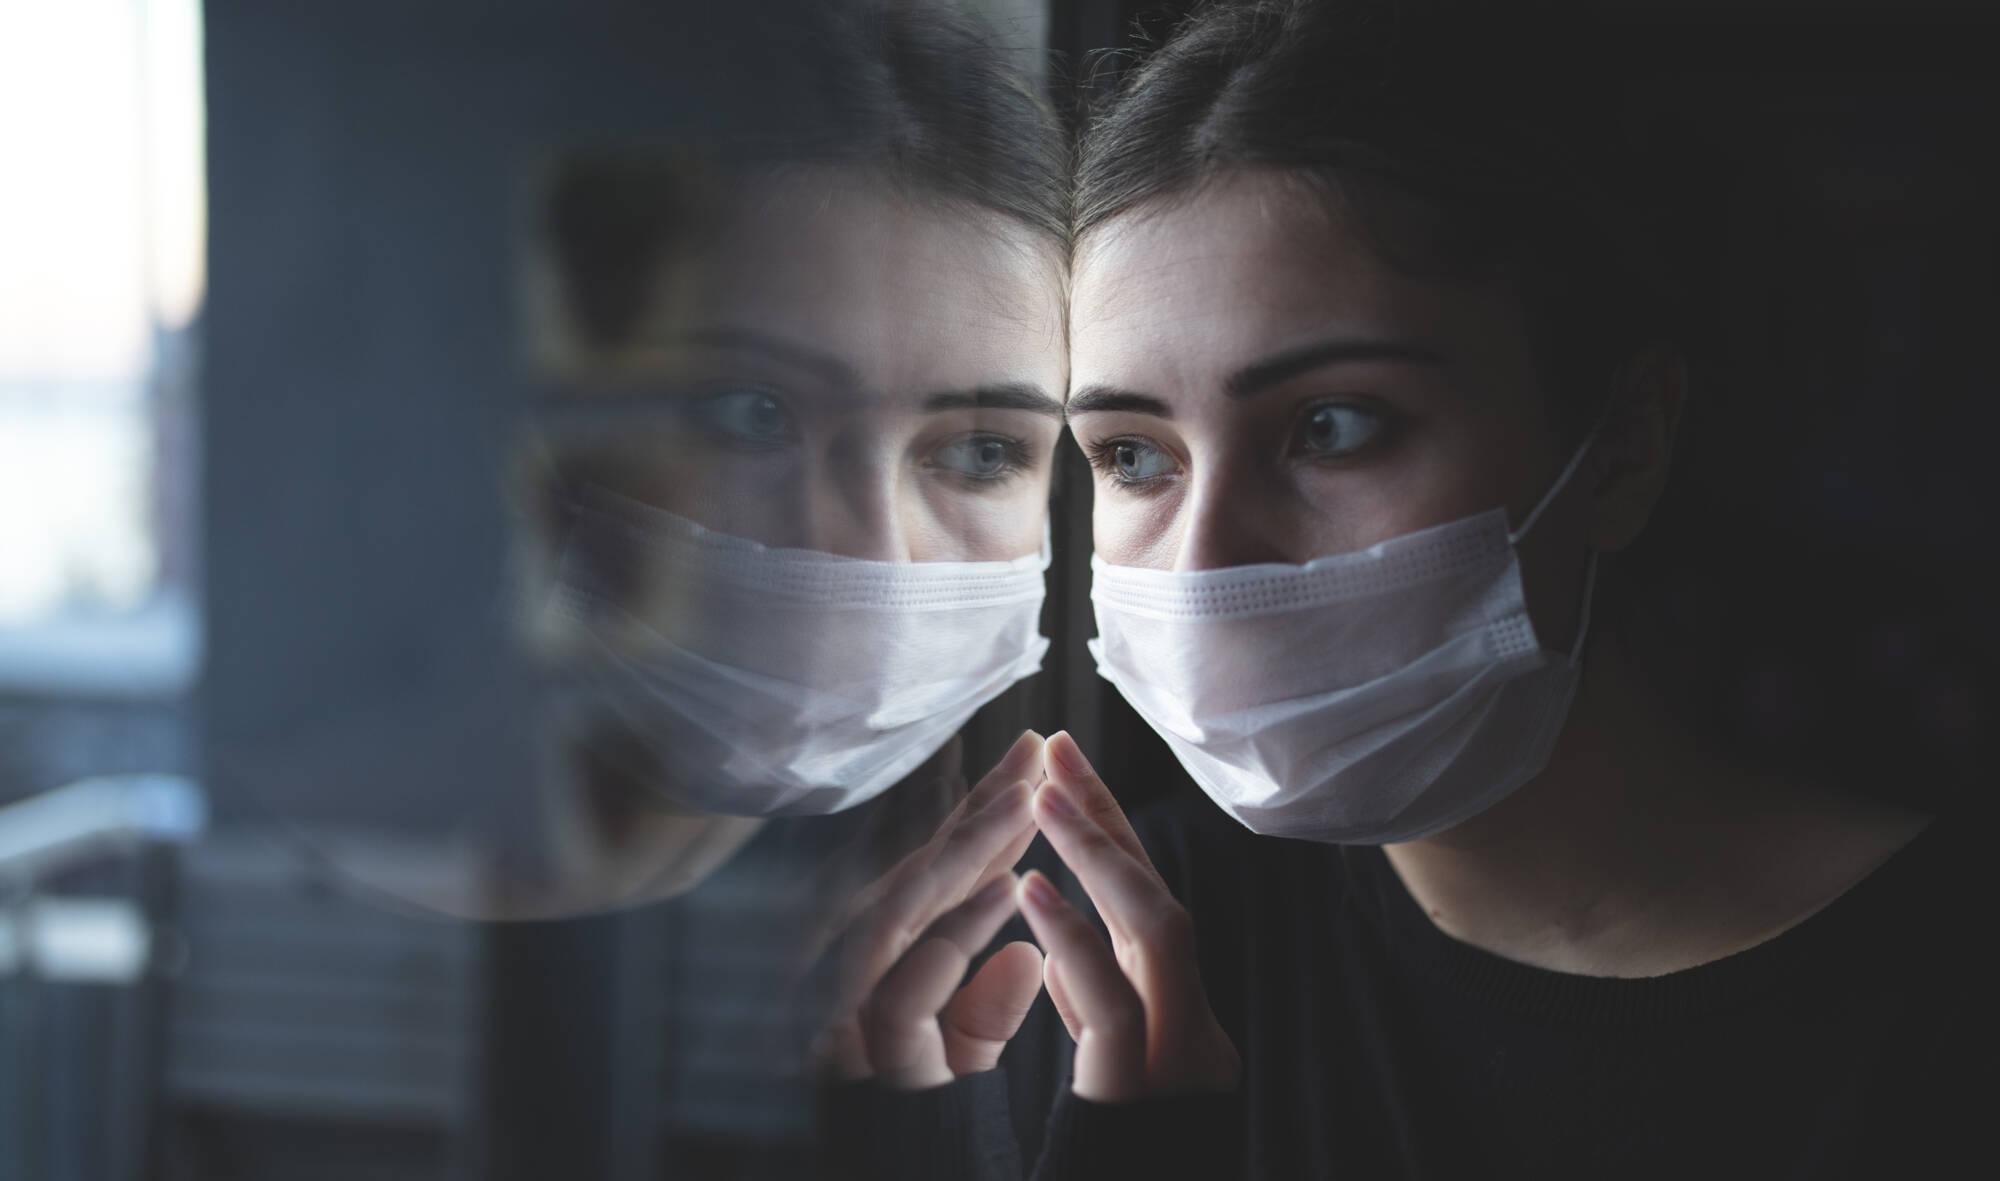 Coronavírus: o problema é nosso